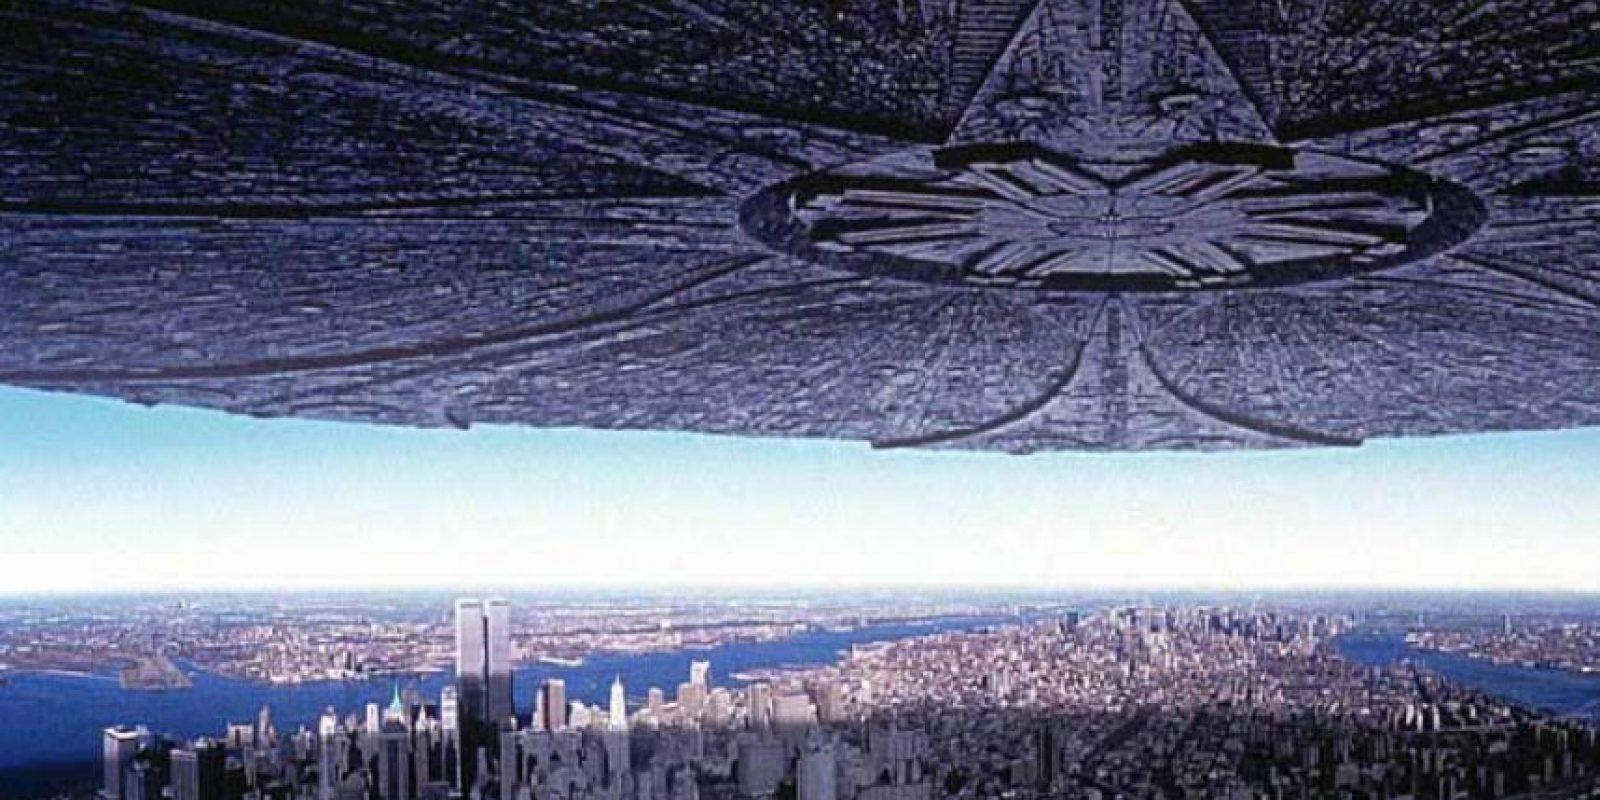 Esta película se estrenó en 1996 y recaudó 800 millones de dólares en taquilla. Foto:vía 20th Century Fox